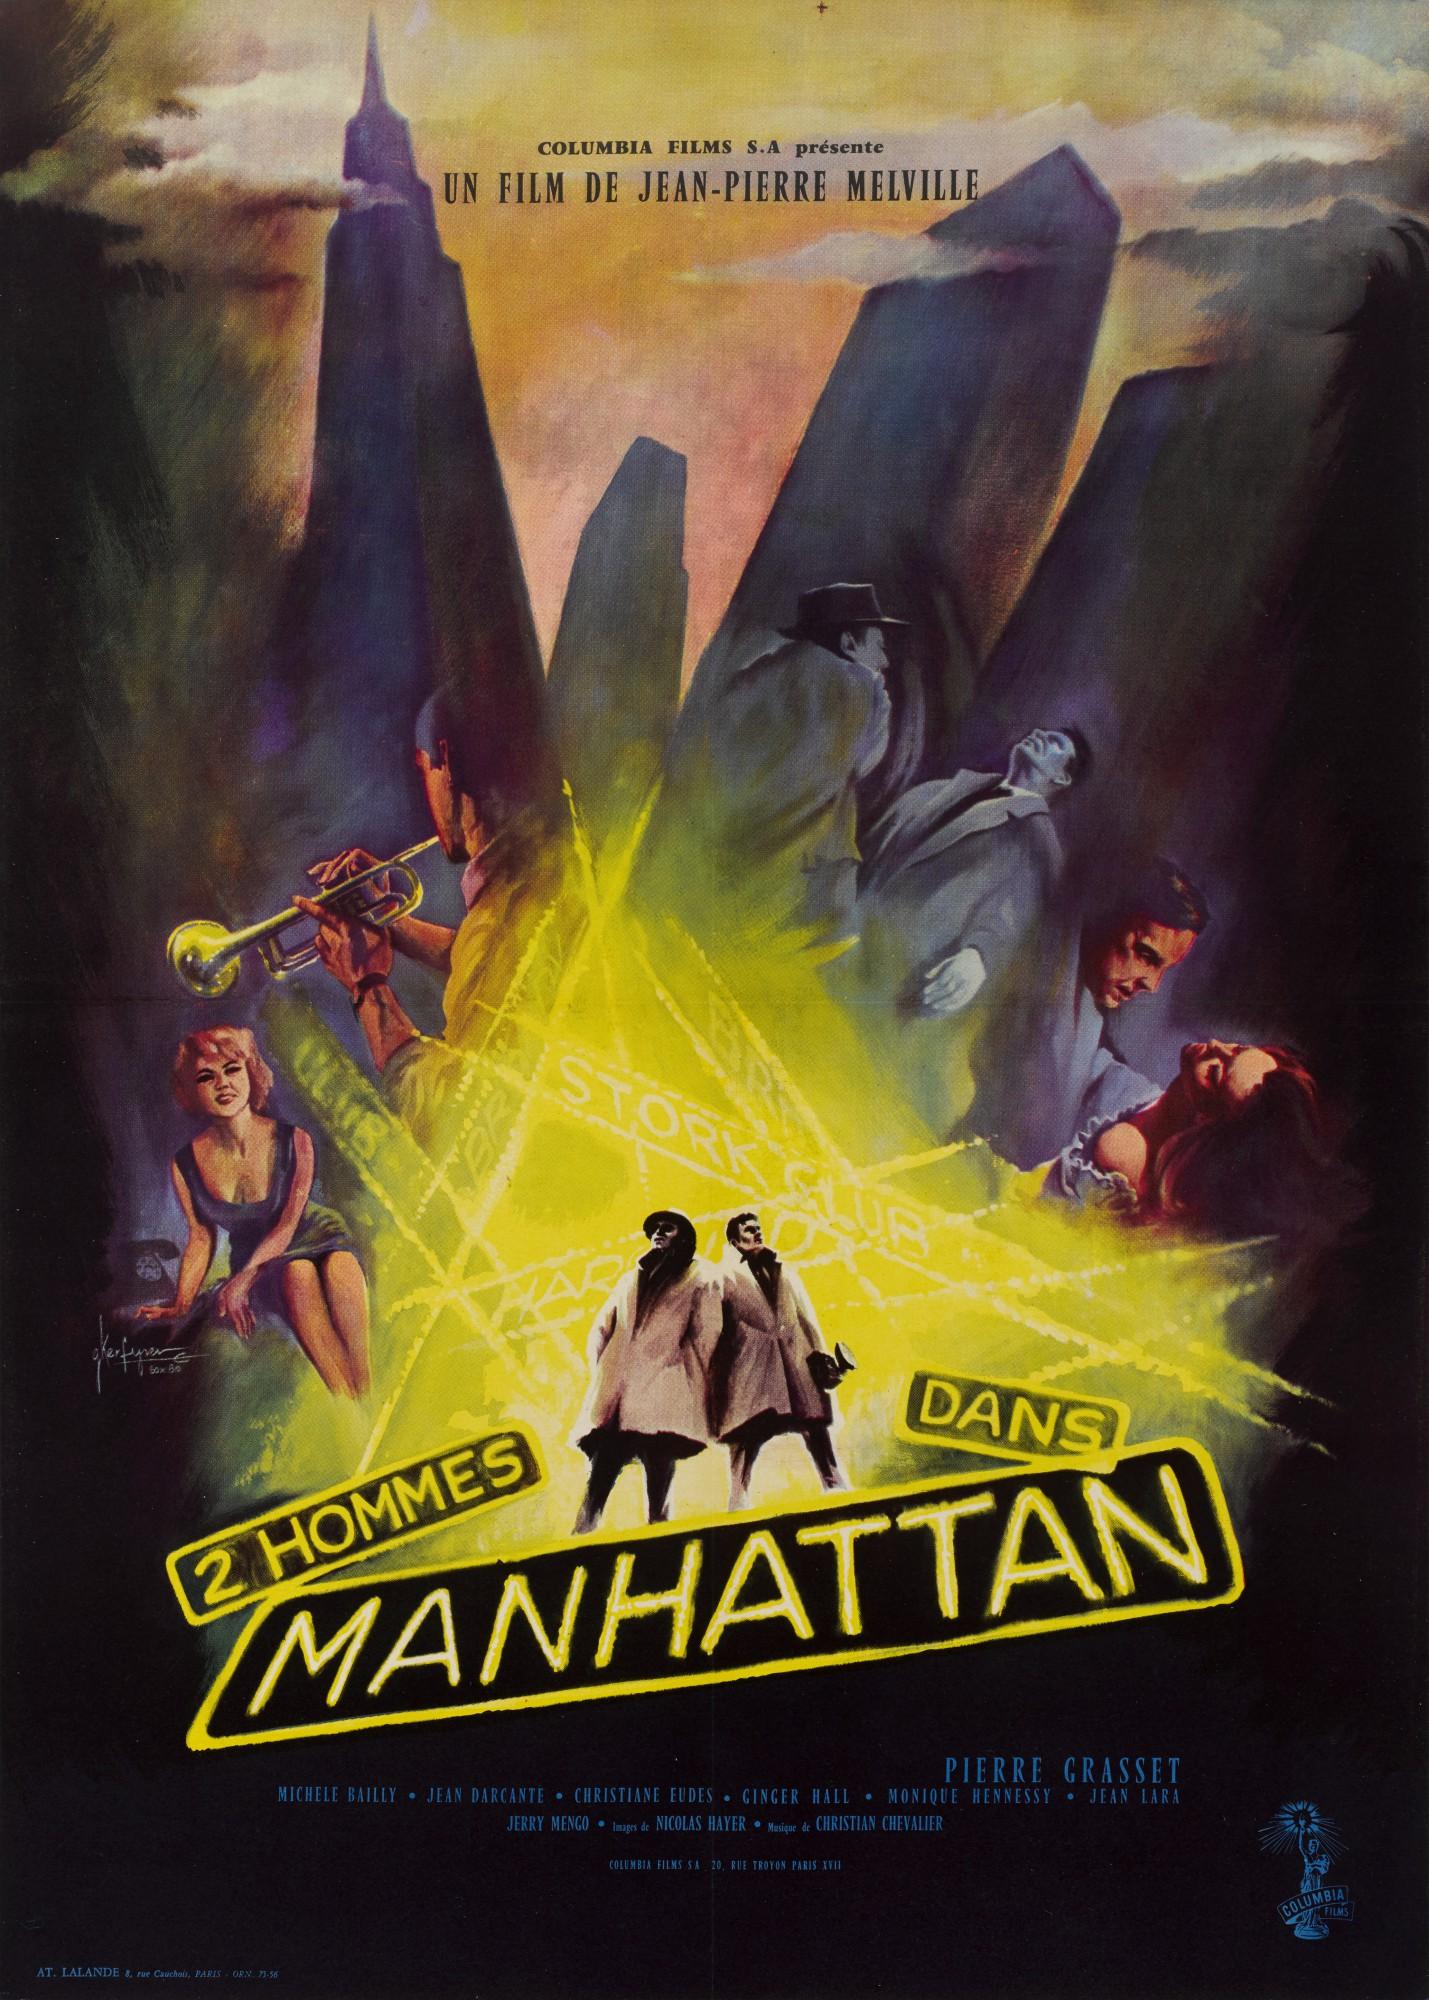 DEUX HOMMES DANS MANHATTAN/TWO MEN IN MANHATTAN (1959) POSTER, FRENCH